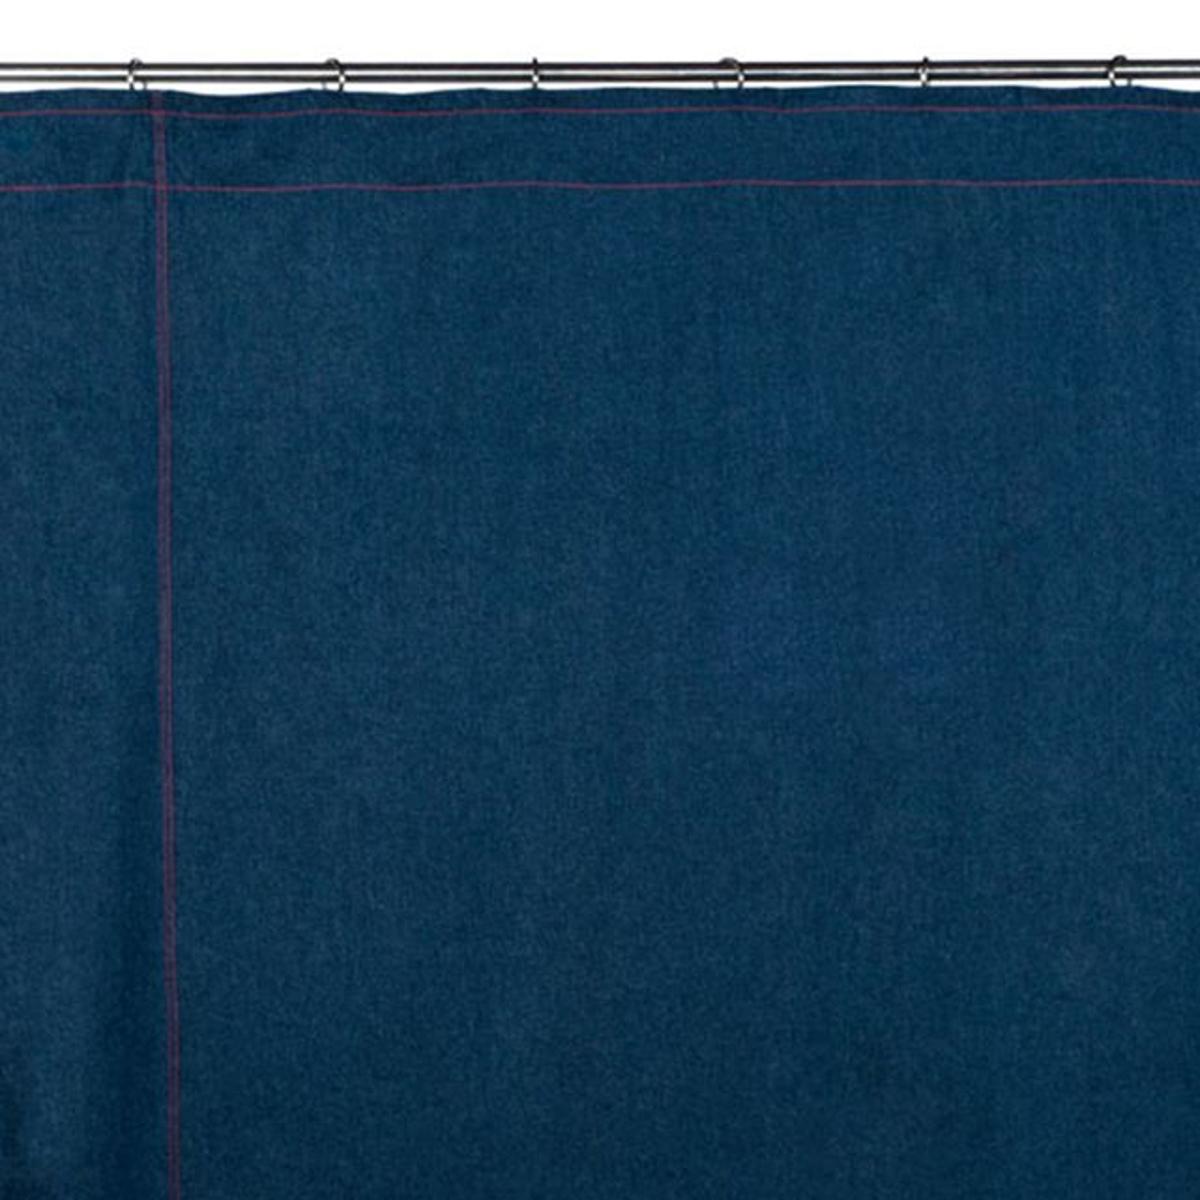 Rideau à ruban fronceur Coton DENIM Bleu moyen